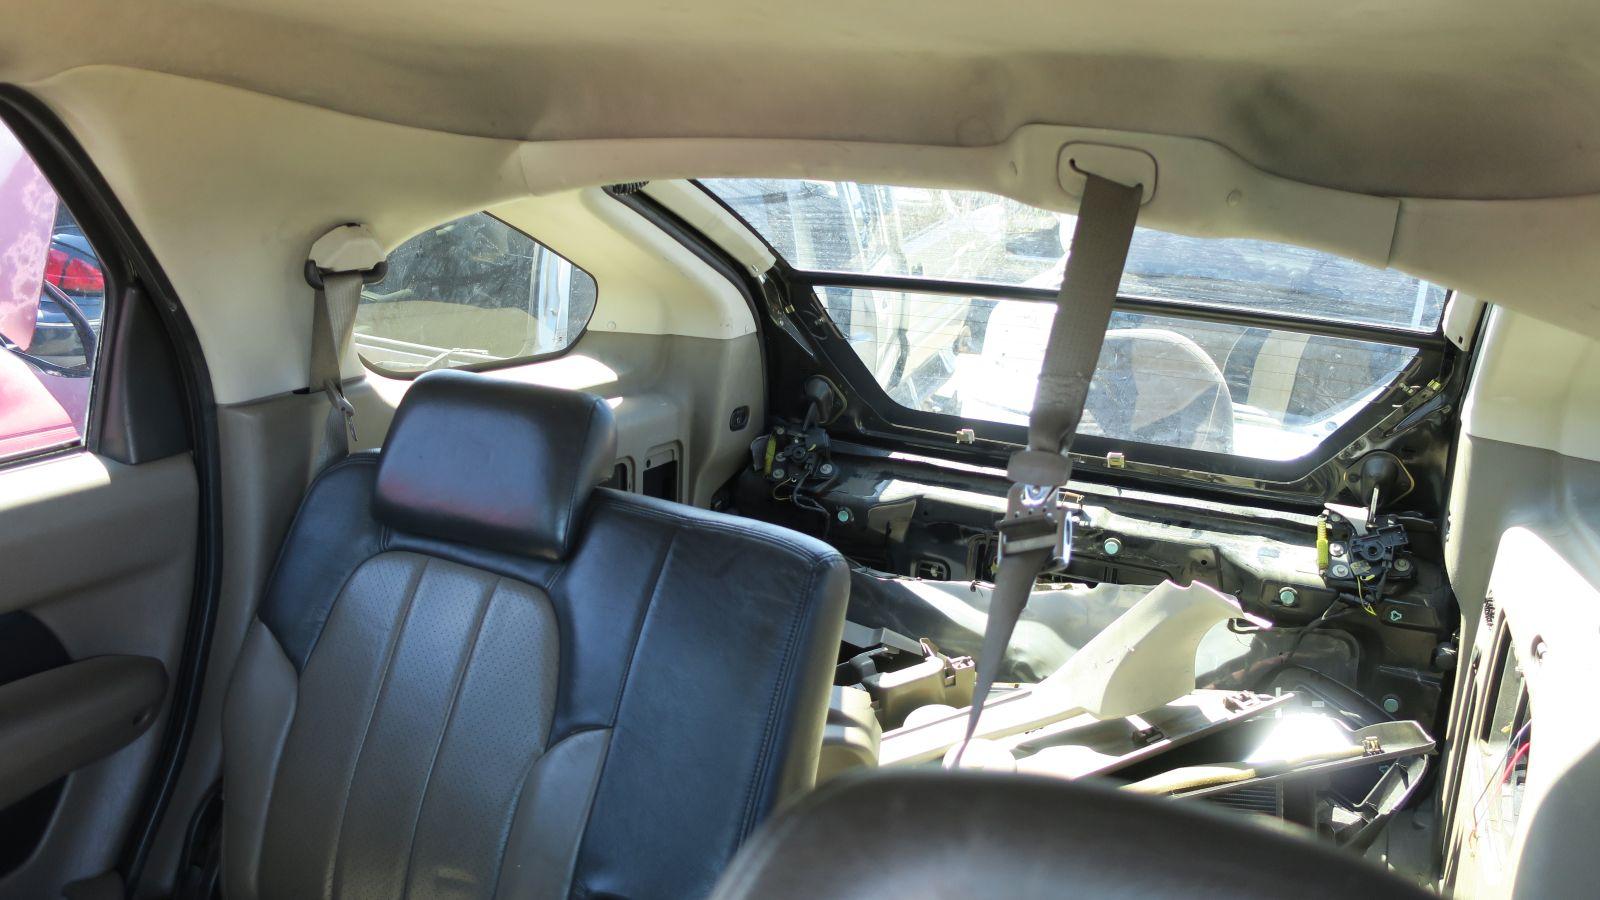 Pontiac Aztek Tent Albumccars Cars Images Collection